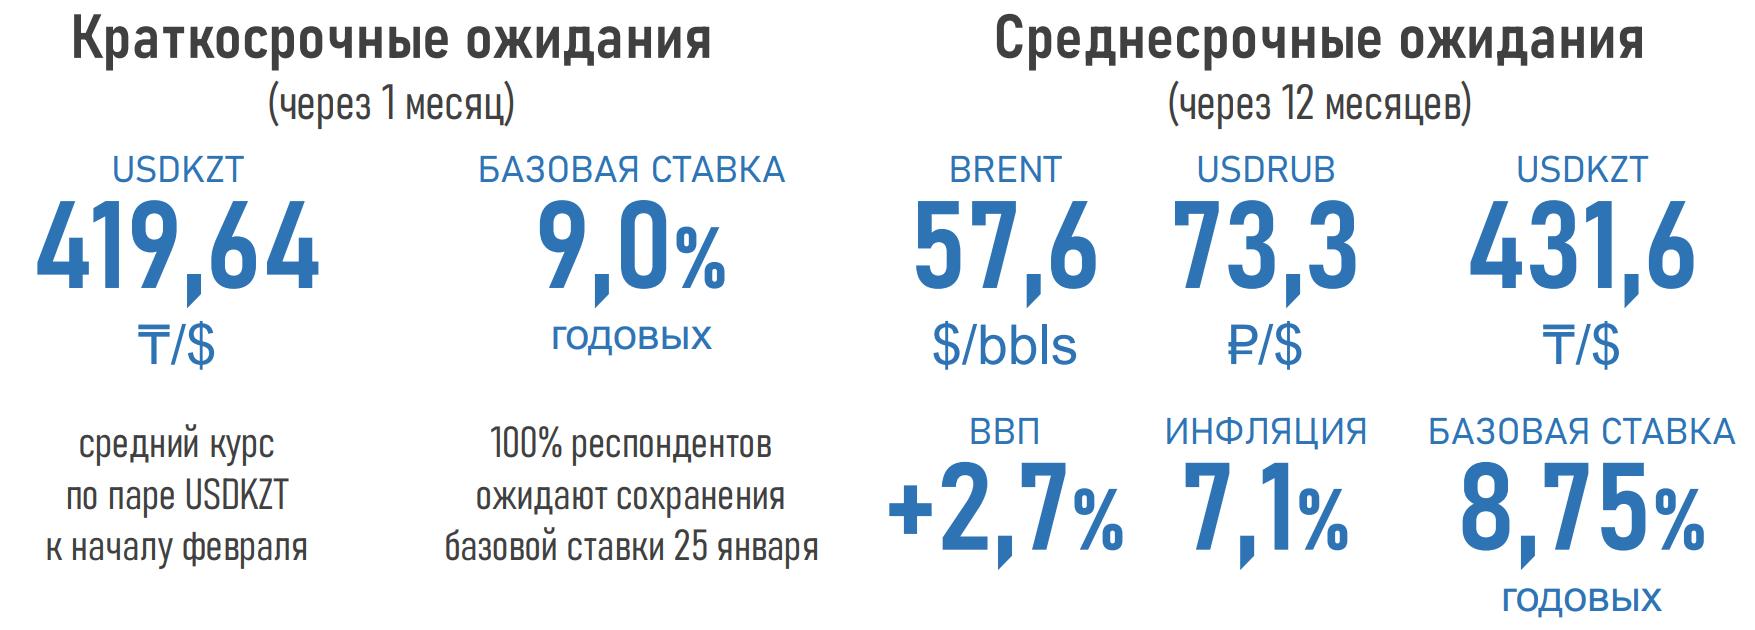 Эксперты ожидают роста ВВП Казахстана в 2021 году на 2,7% 569271 - Kapital.kz